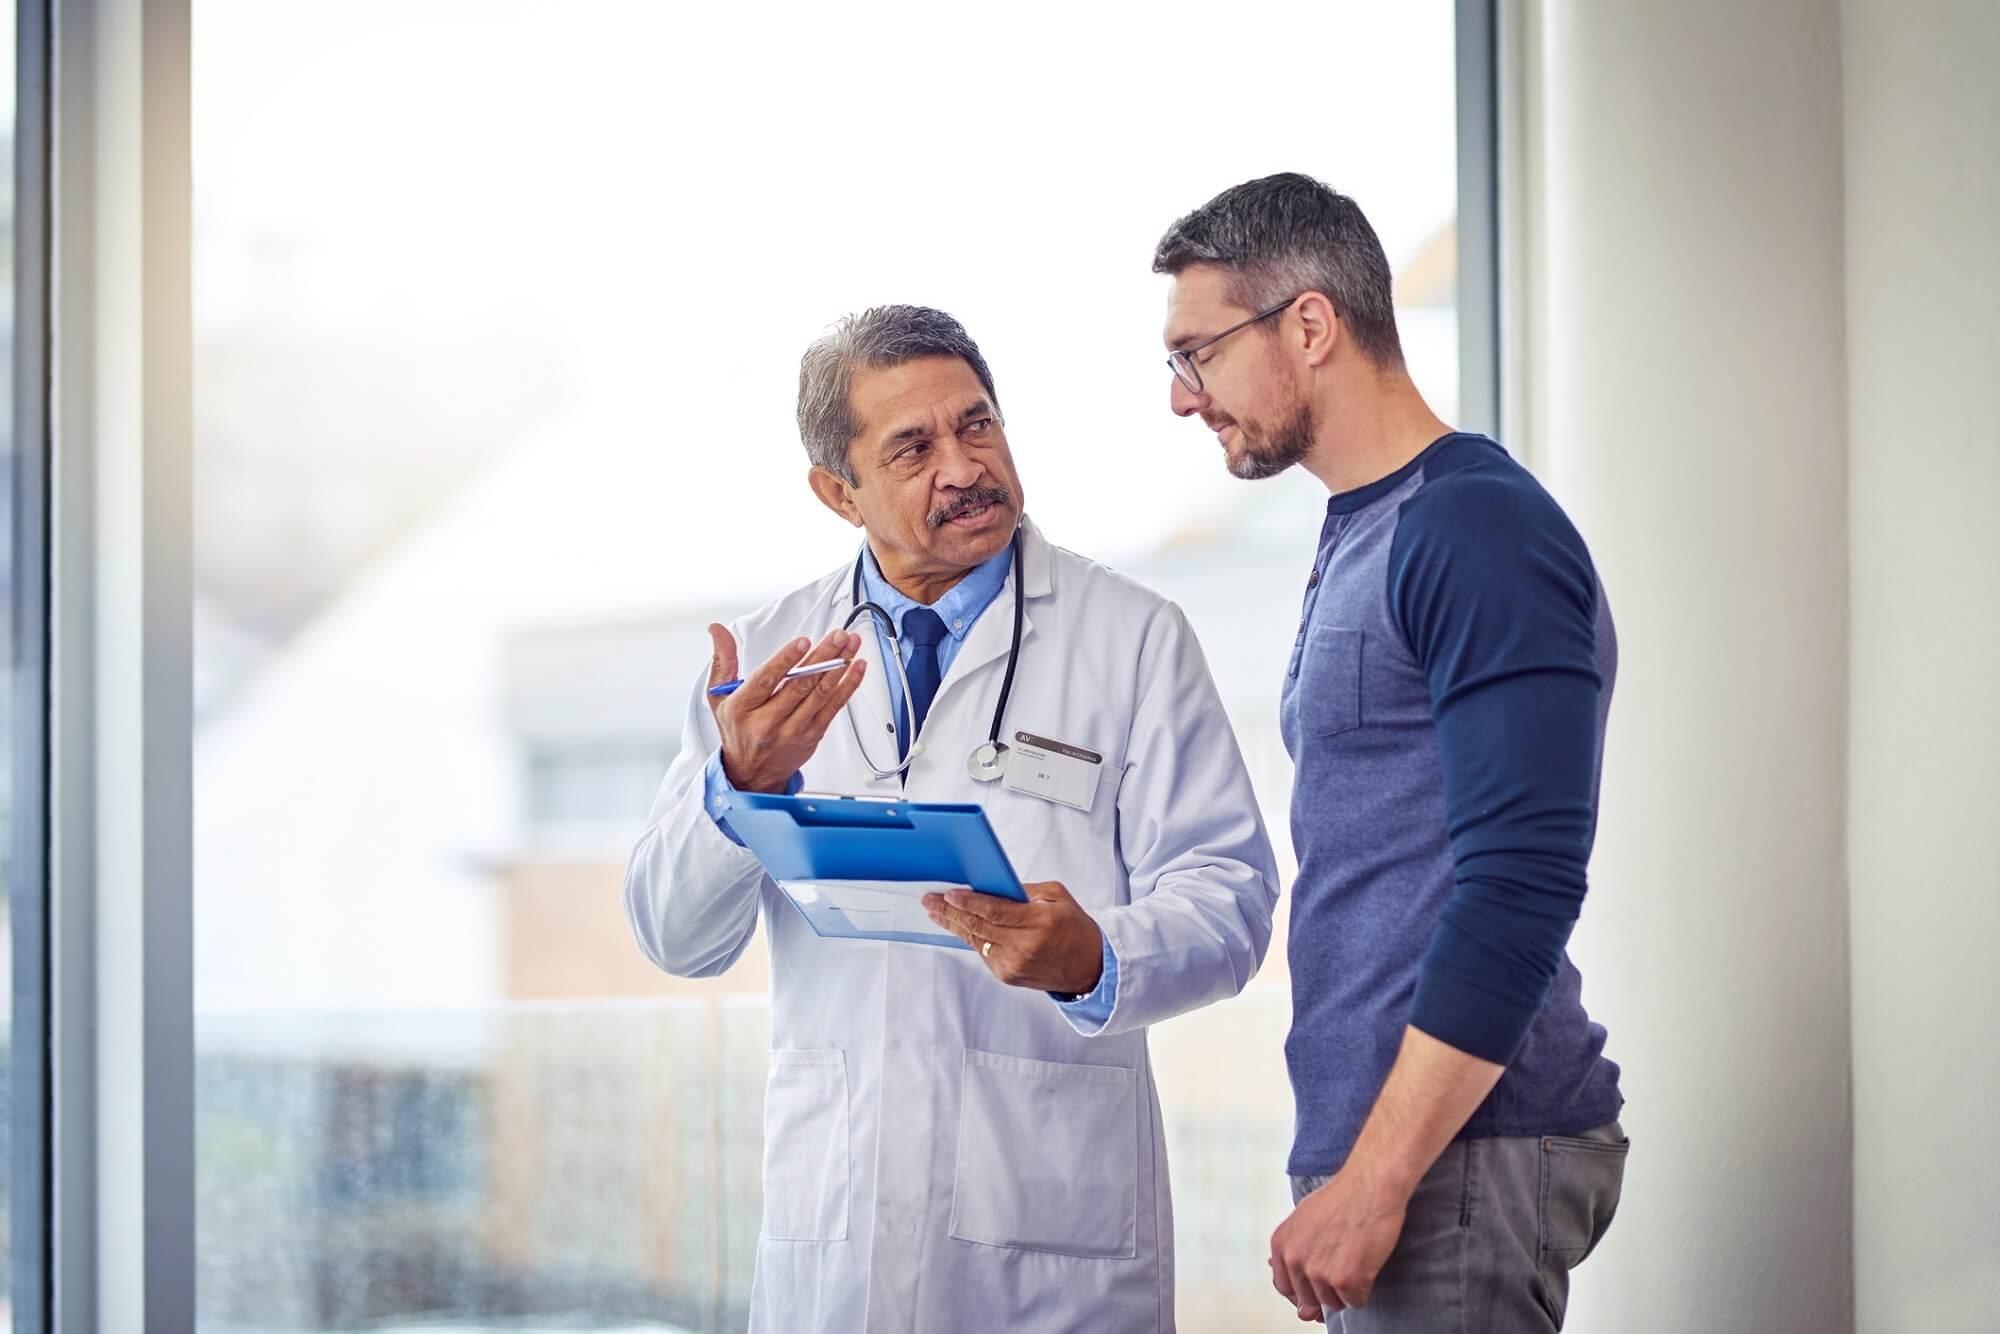 foto de doutor aconselhando seu paciente | Você sabe o que é pênis embutido?